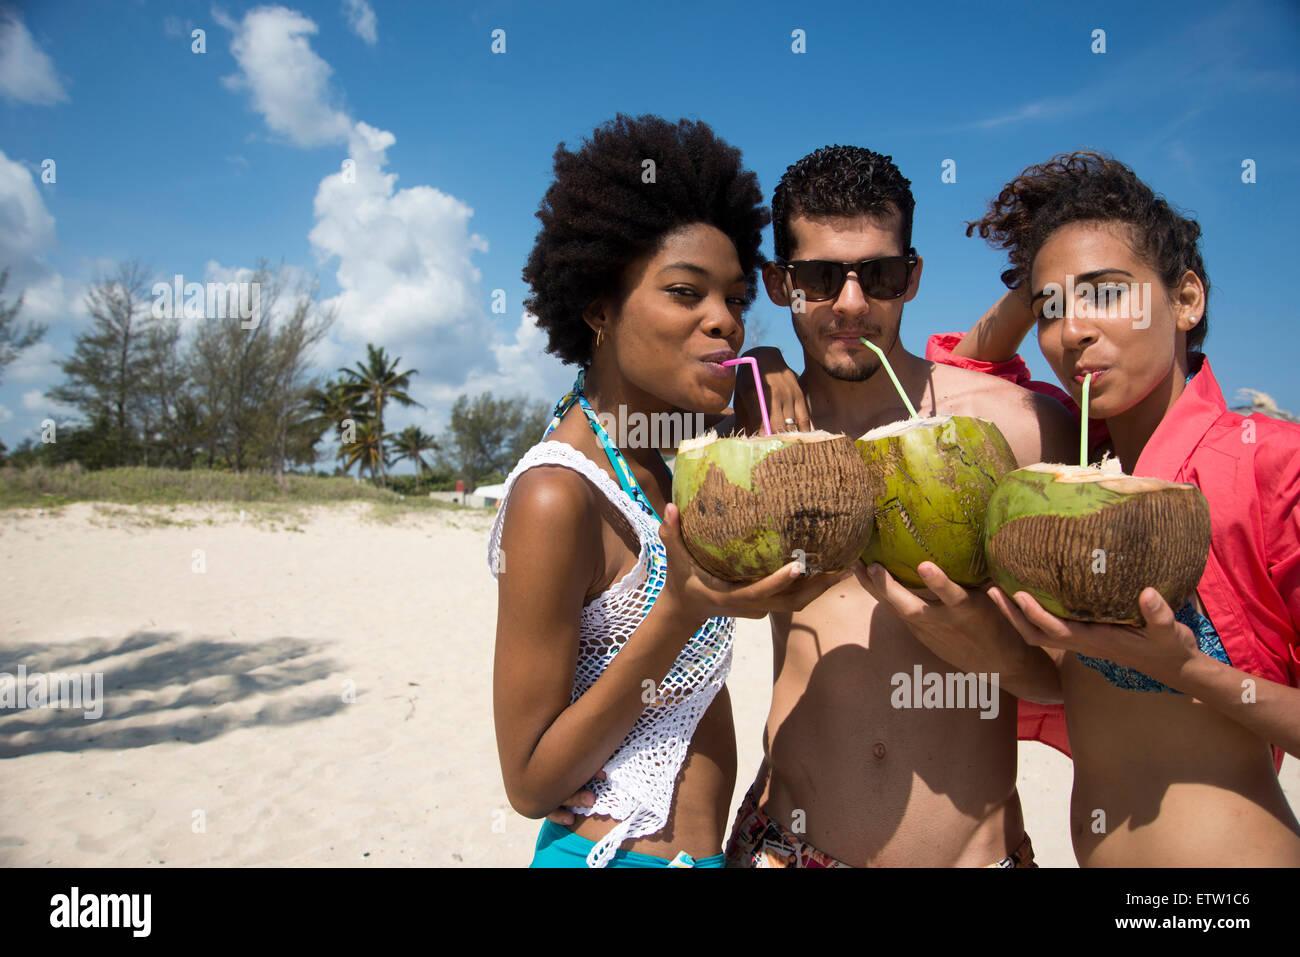 Trois personnes d'Amérique latine sur la plage Photo Stock